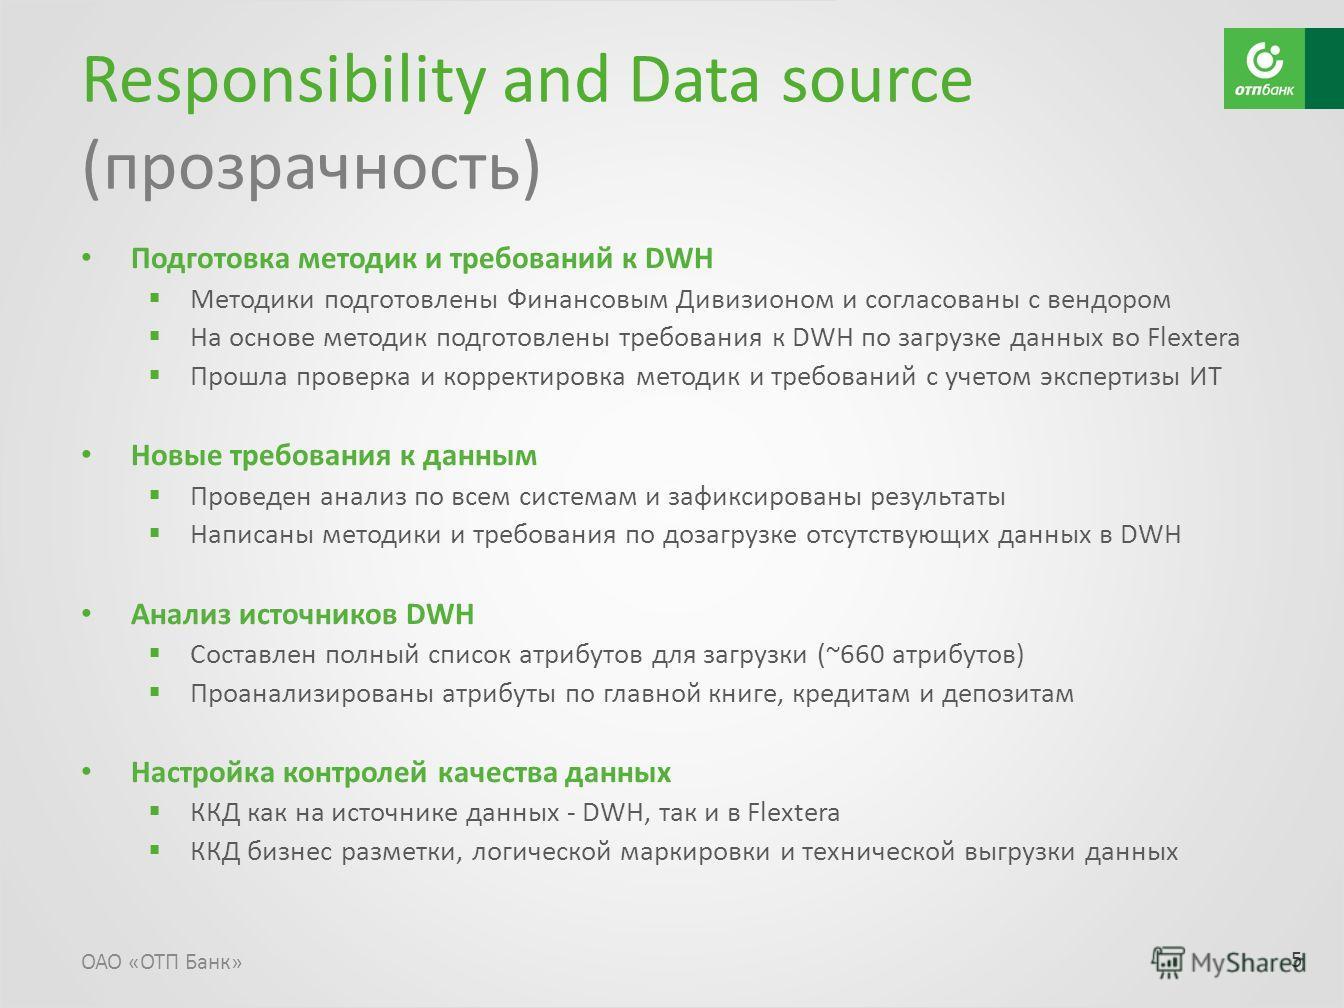 Responsibility and Data source (прозрачность) Подготовка методик и требований к DWH Методики подготовлены Финансовым Дивизионом и согласованы с вендором На основе методик подготовлены требования к DWH по загрузке данных во Flextera Прошла проверка и